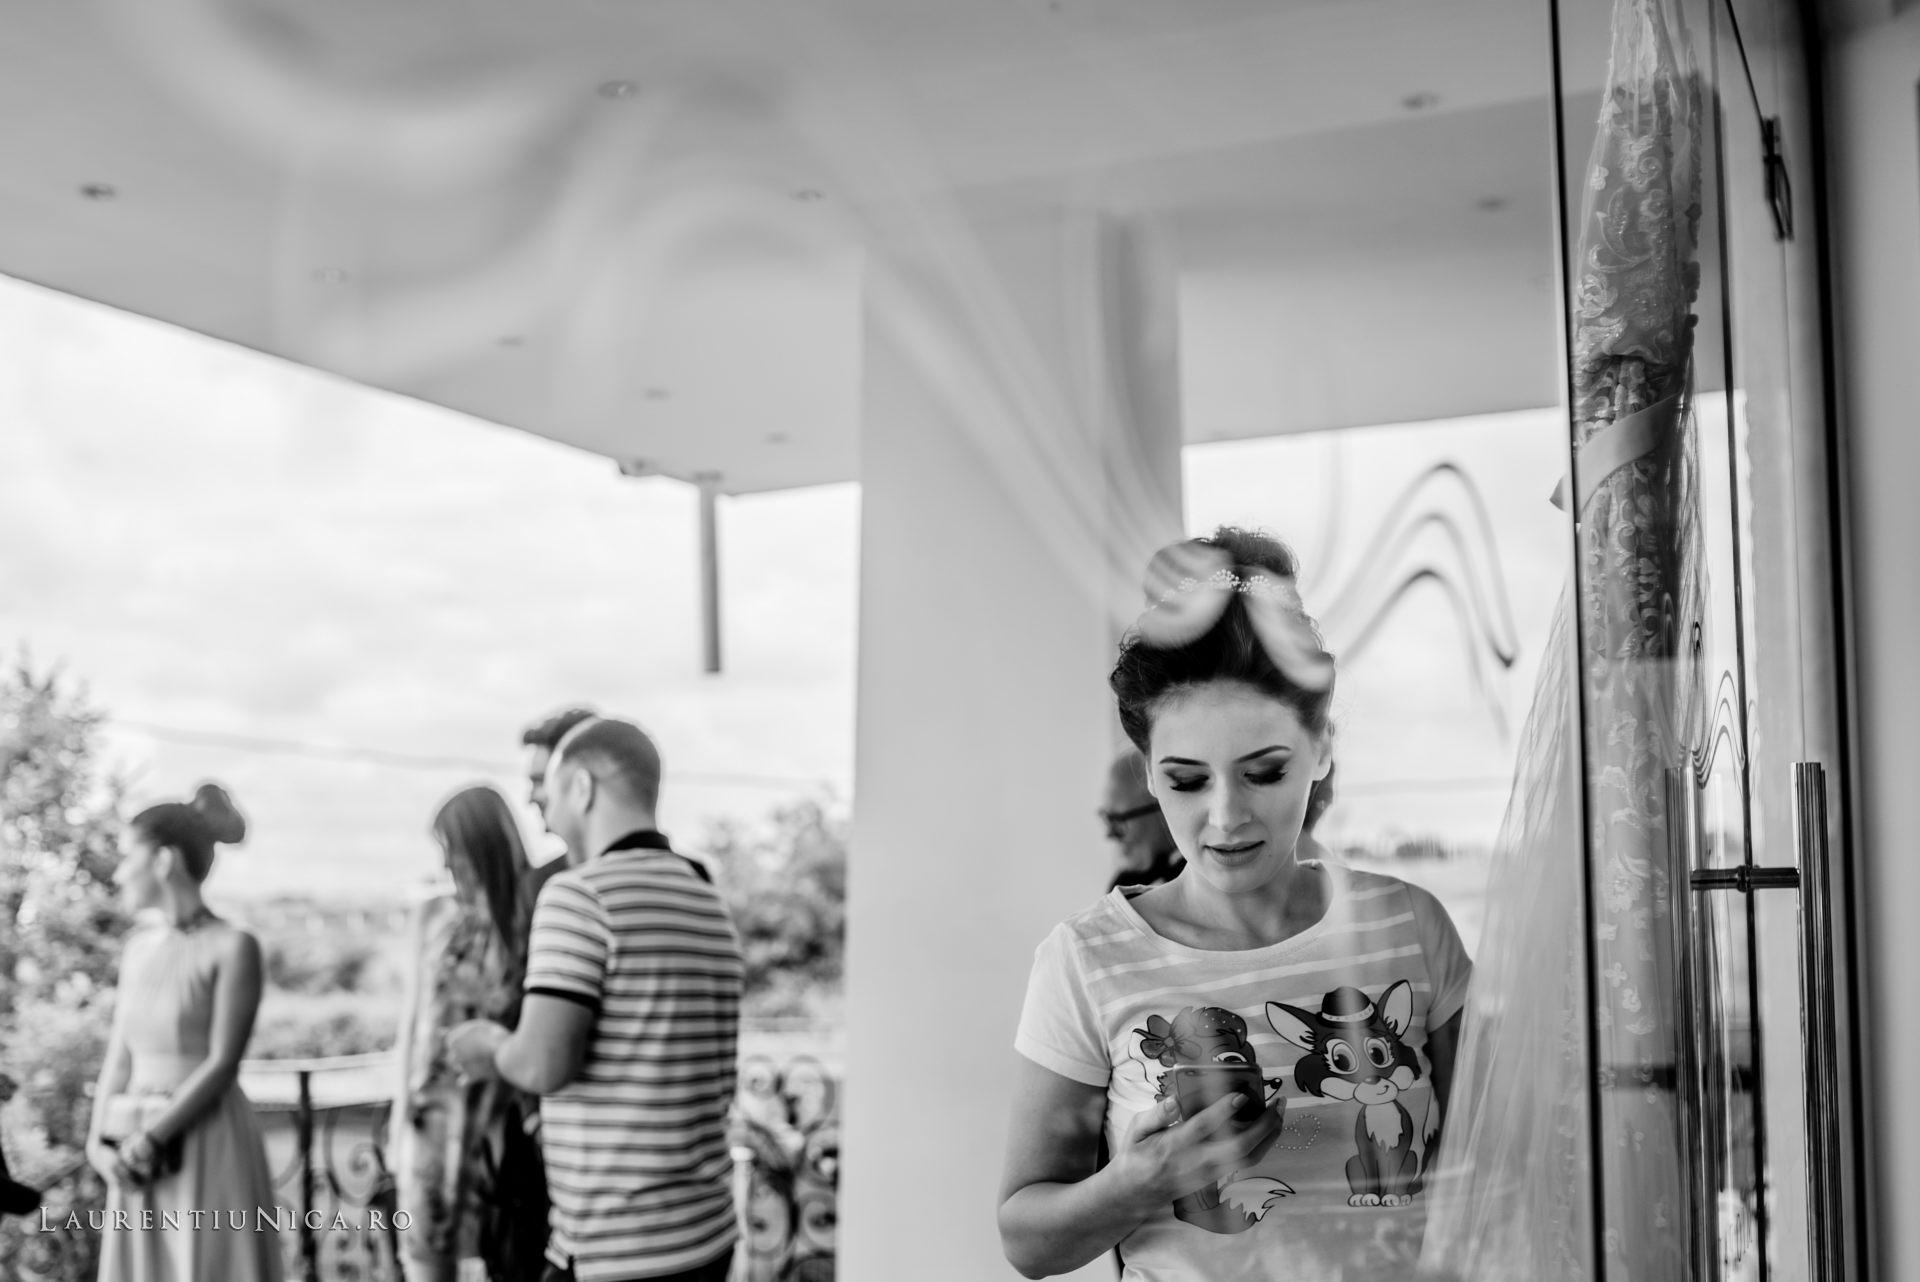 denisa si catalin fotograf nunta laurentiu nica craiova 03 - Denisa si Catalin | Fotografii nunta | Craiova